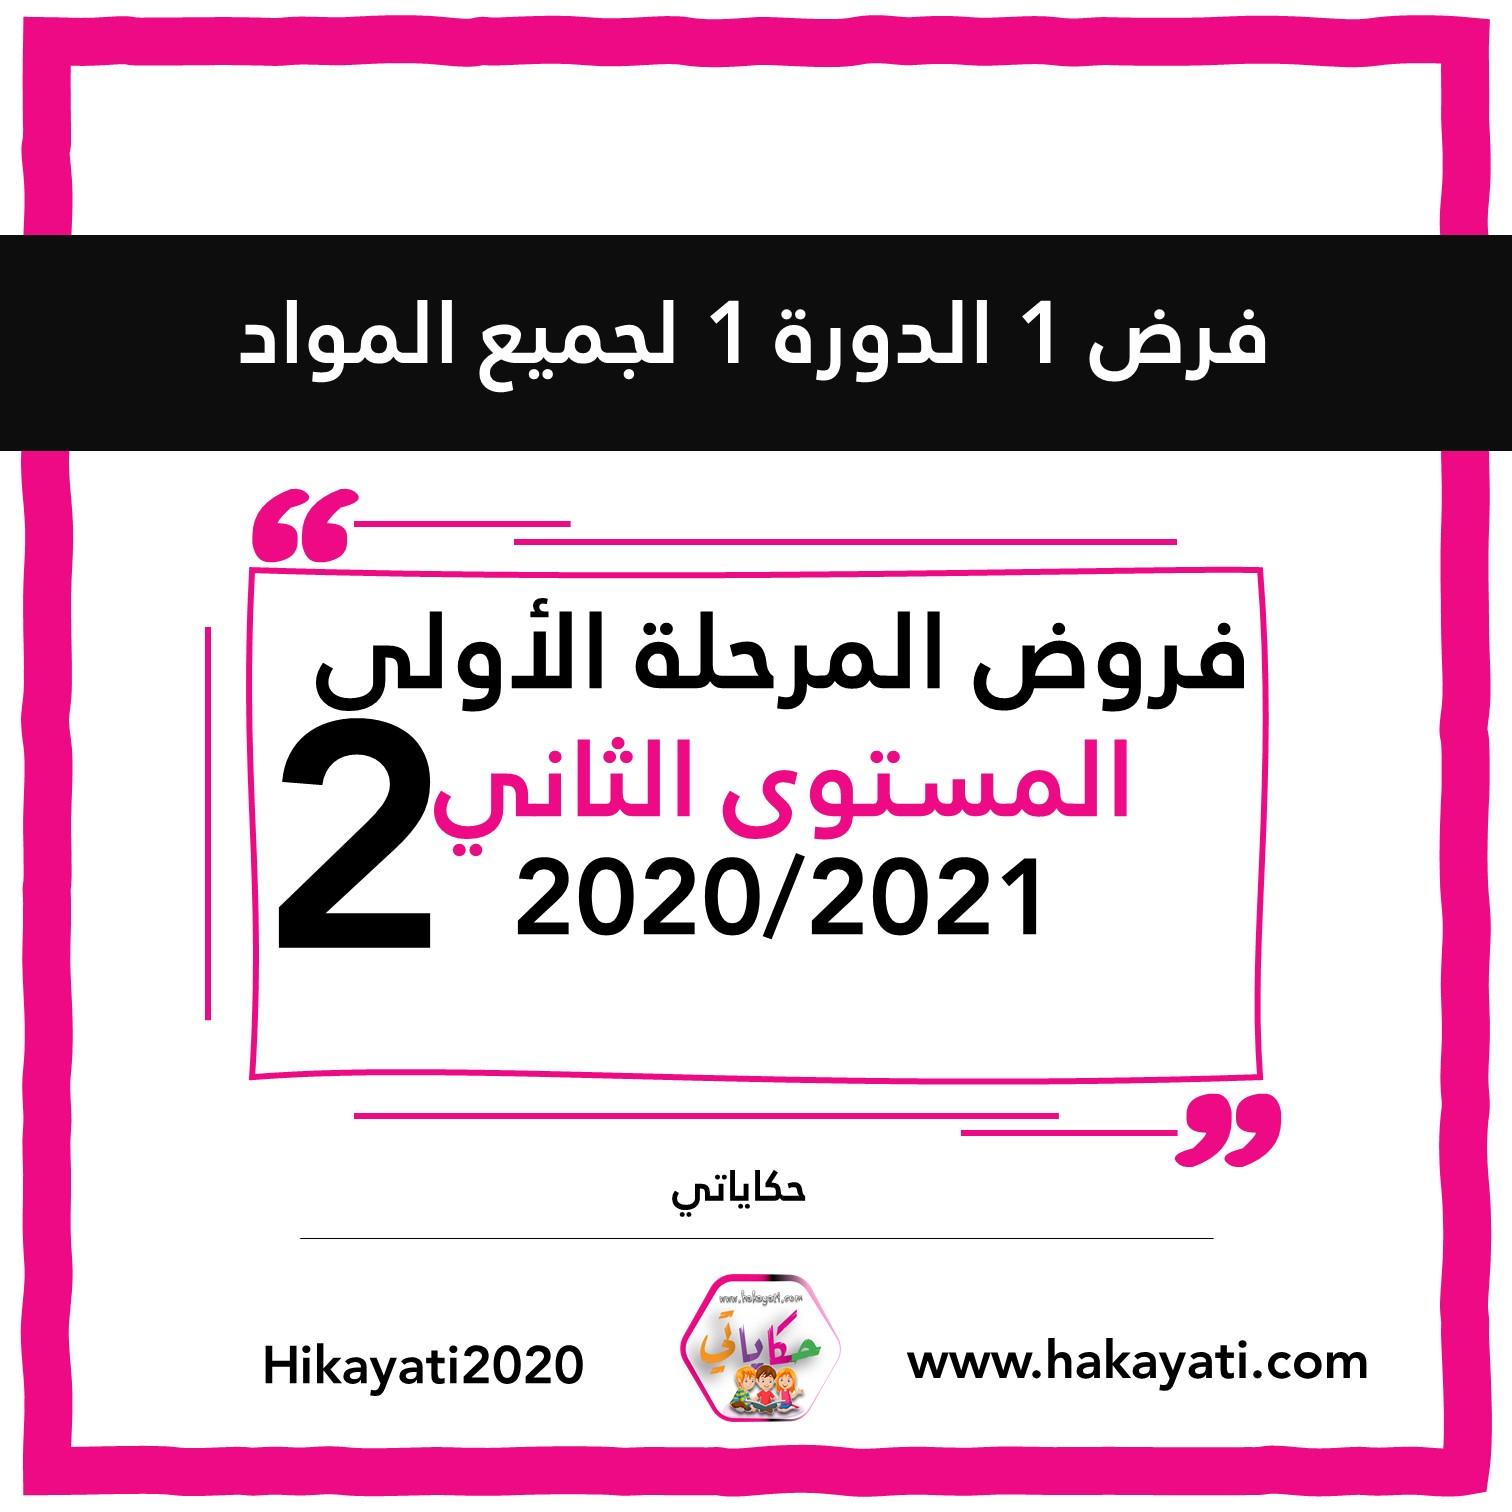 الفرض الأول 1 من الدورة الأولى 1 لجميع مواد المستوى الثاني وفق المنهاج المنقح 2021-2020